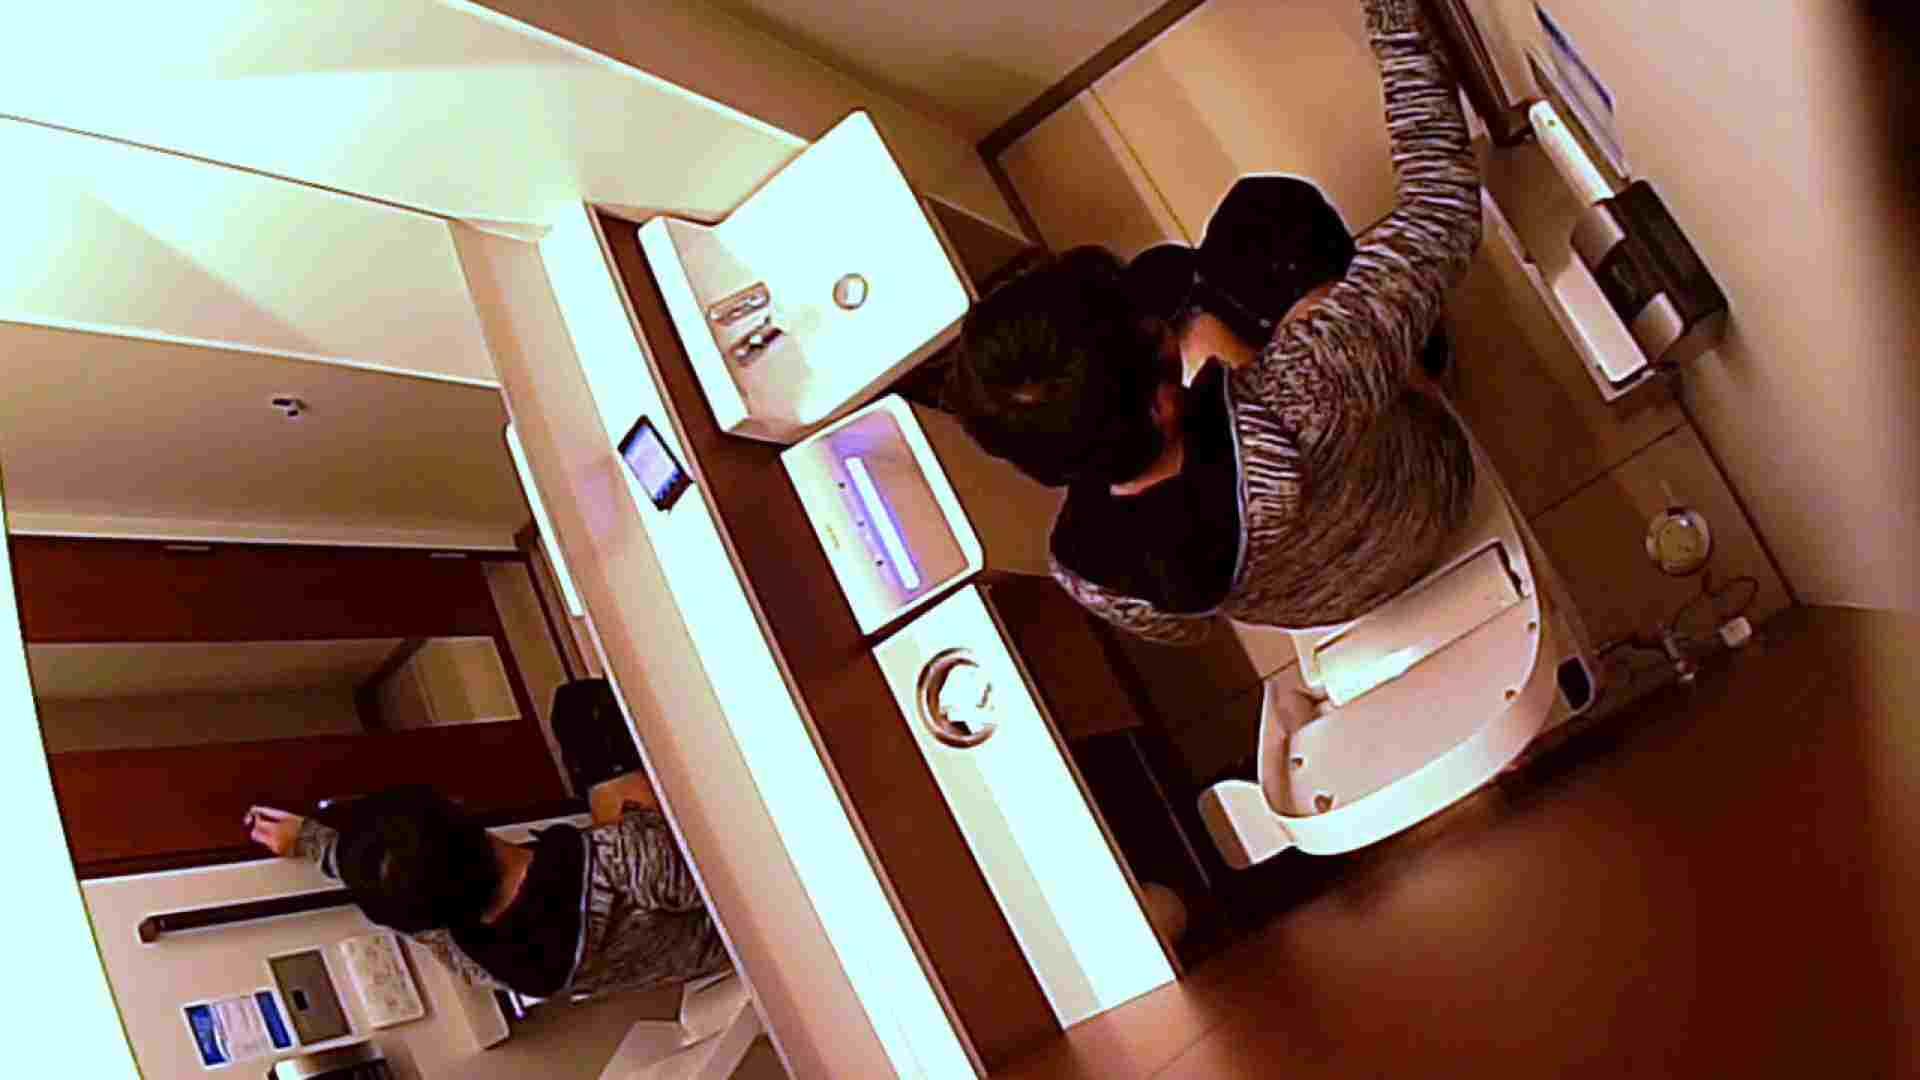 イケメンの素顔in洗面所 Vol.03 丸見え動画 | ボーイズうんこ  107pic 1